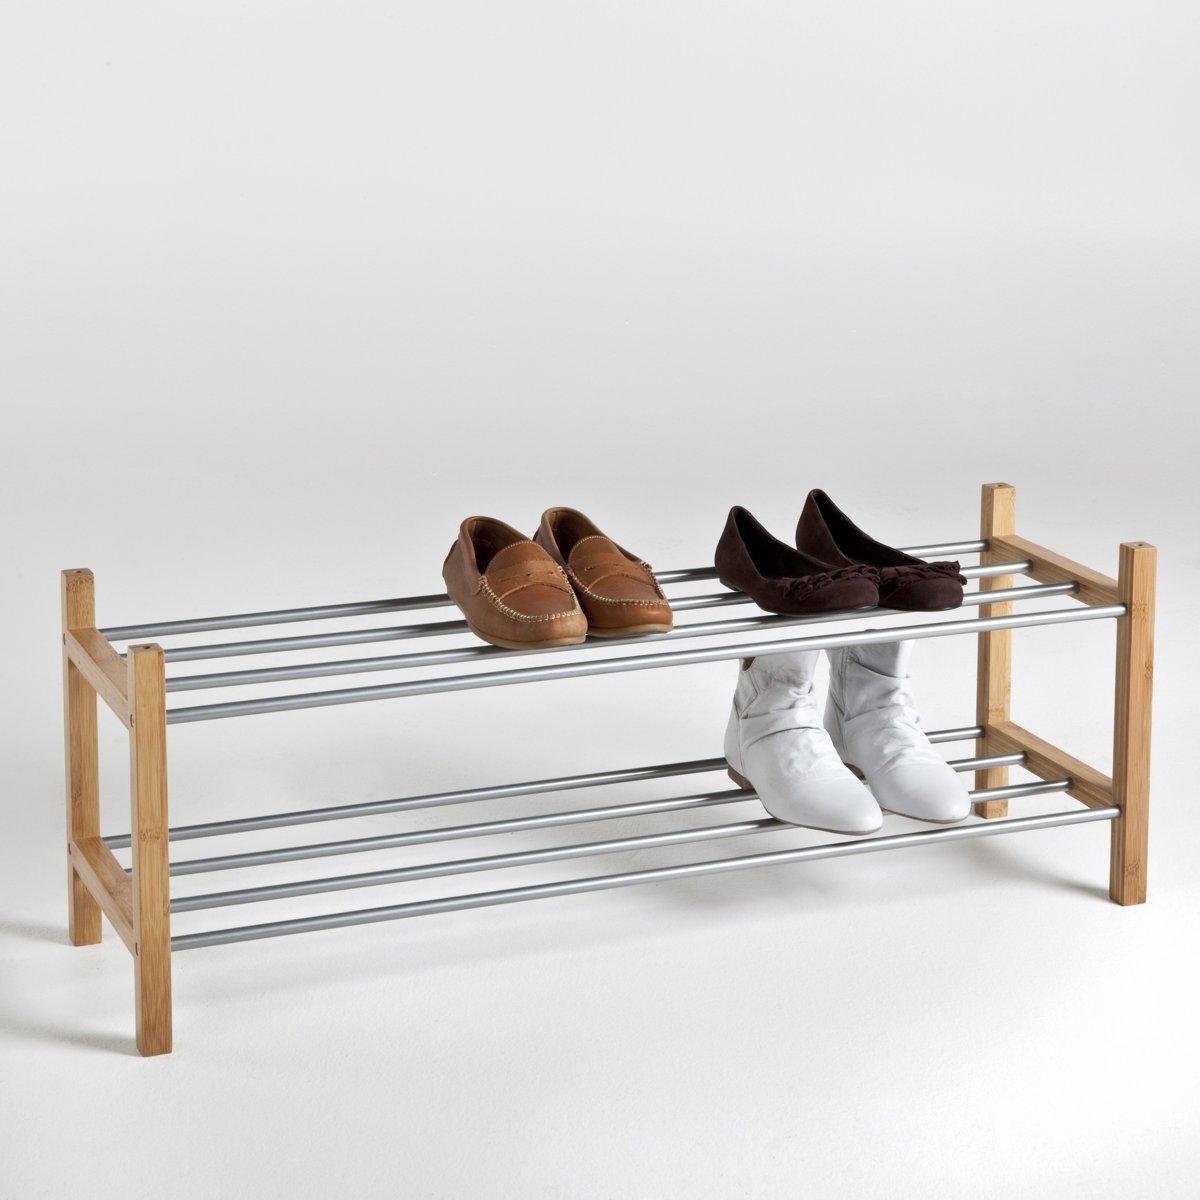 Стеллаж для обуви из металла и бамбука, BAMBOOХарактеристики стеллажа для обуви BAMBOO:- Выполнен из металла с эпоксидным покрытием и бамбука с бесцветным покрытием.Описание стеллажа для обуви BAMBOO:- Ставятся один на другой.- Позвляет хранить до 12 пар обуви.Готов к сборке в соответствии с прилагающейся инструкцией.Размеры:- Общие: Д. 100 x В. 37 x Г. 30 см.<br><br>Цвет: светлое дерево натуральный